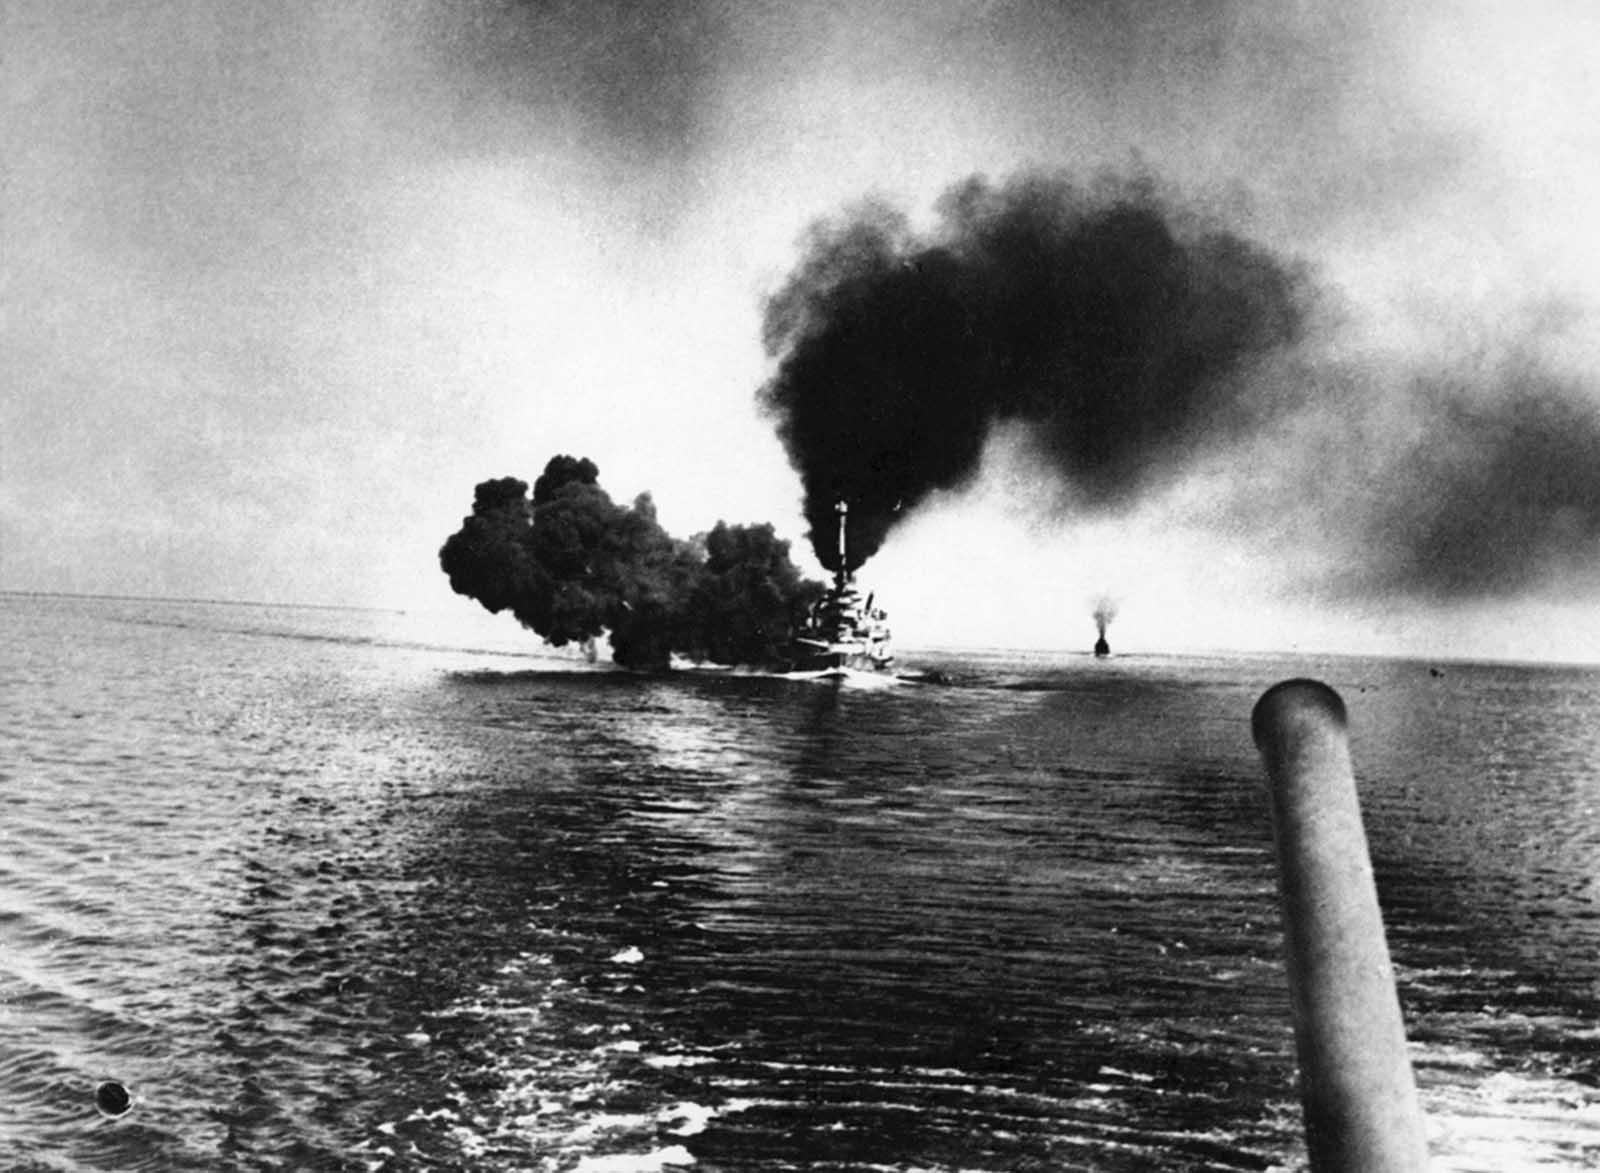 A német haditengerészet haditengerészeti csatahajója, az SMS Schleswig-Holstein a Jütland 1916. május 31-i csata során lövöldöz az Északi-tengeren.